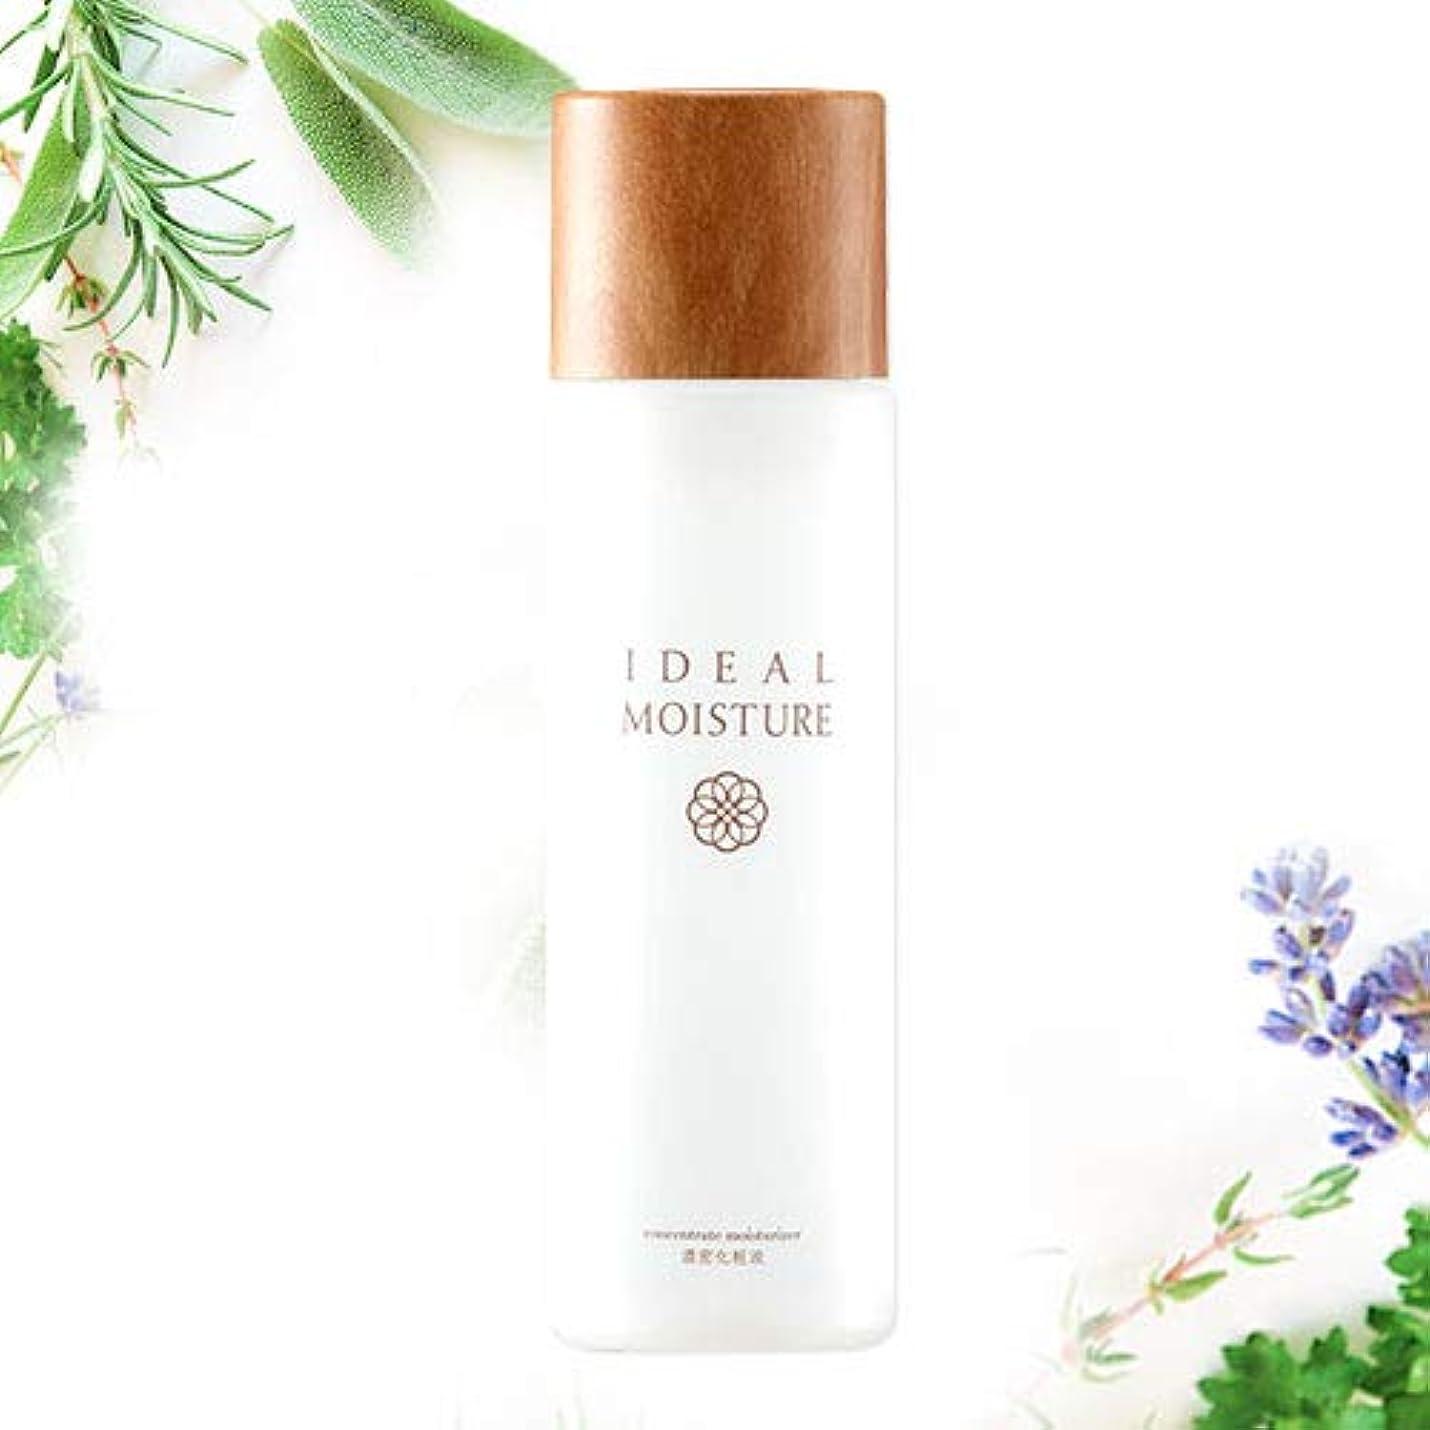 IDEAL MOISTURE(イデアルモイスチャー)濃密化粧液